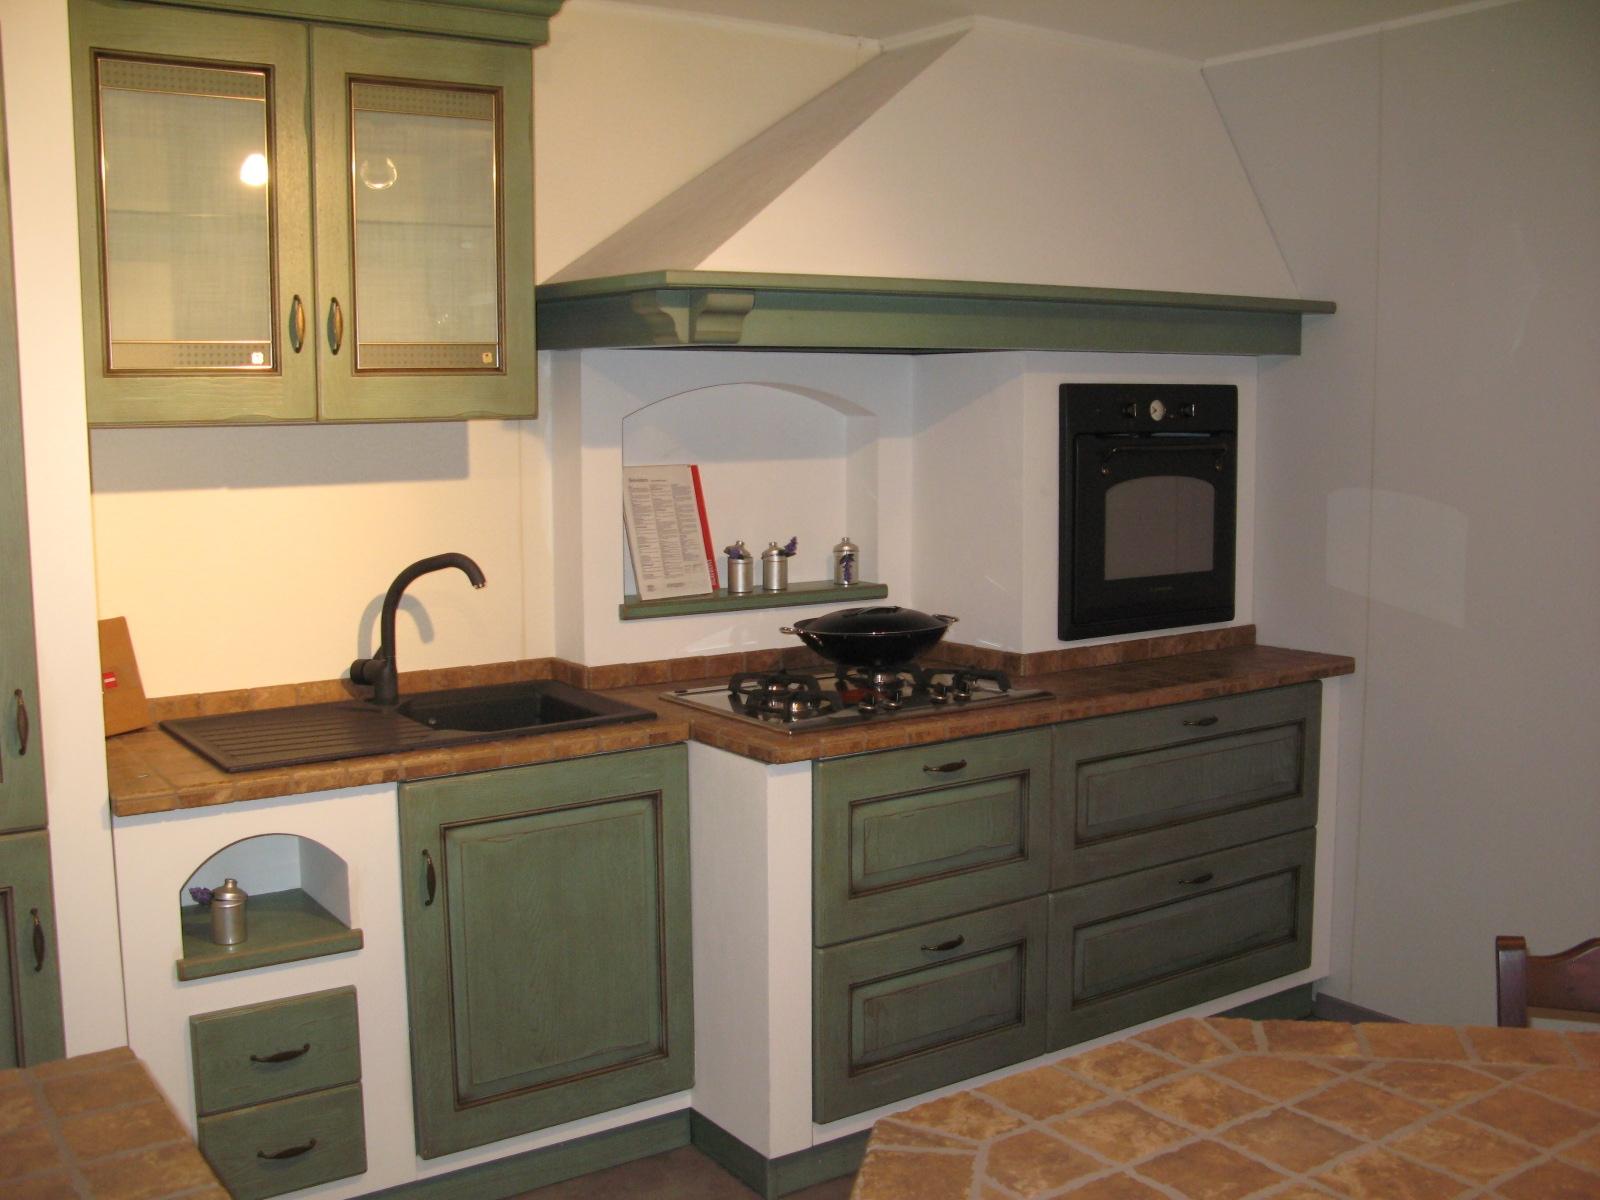 Awesome cucine muratura scavolini ideas - Costi cucine scavolini ...